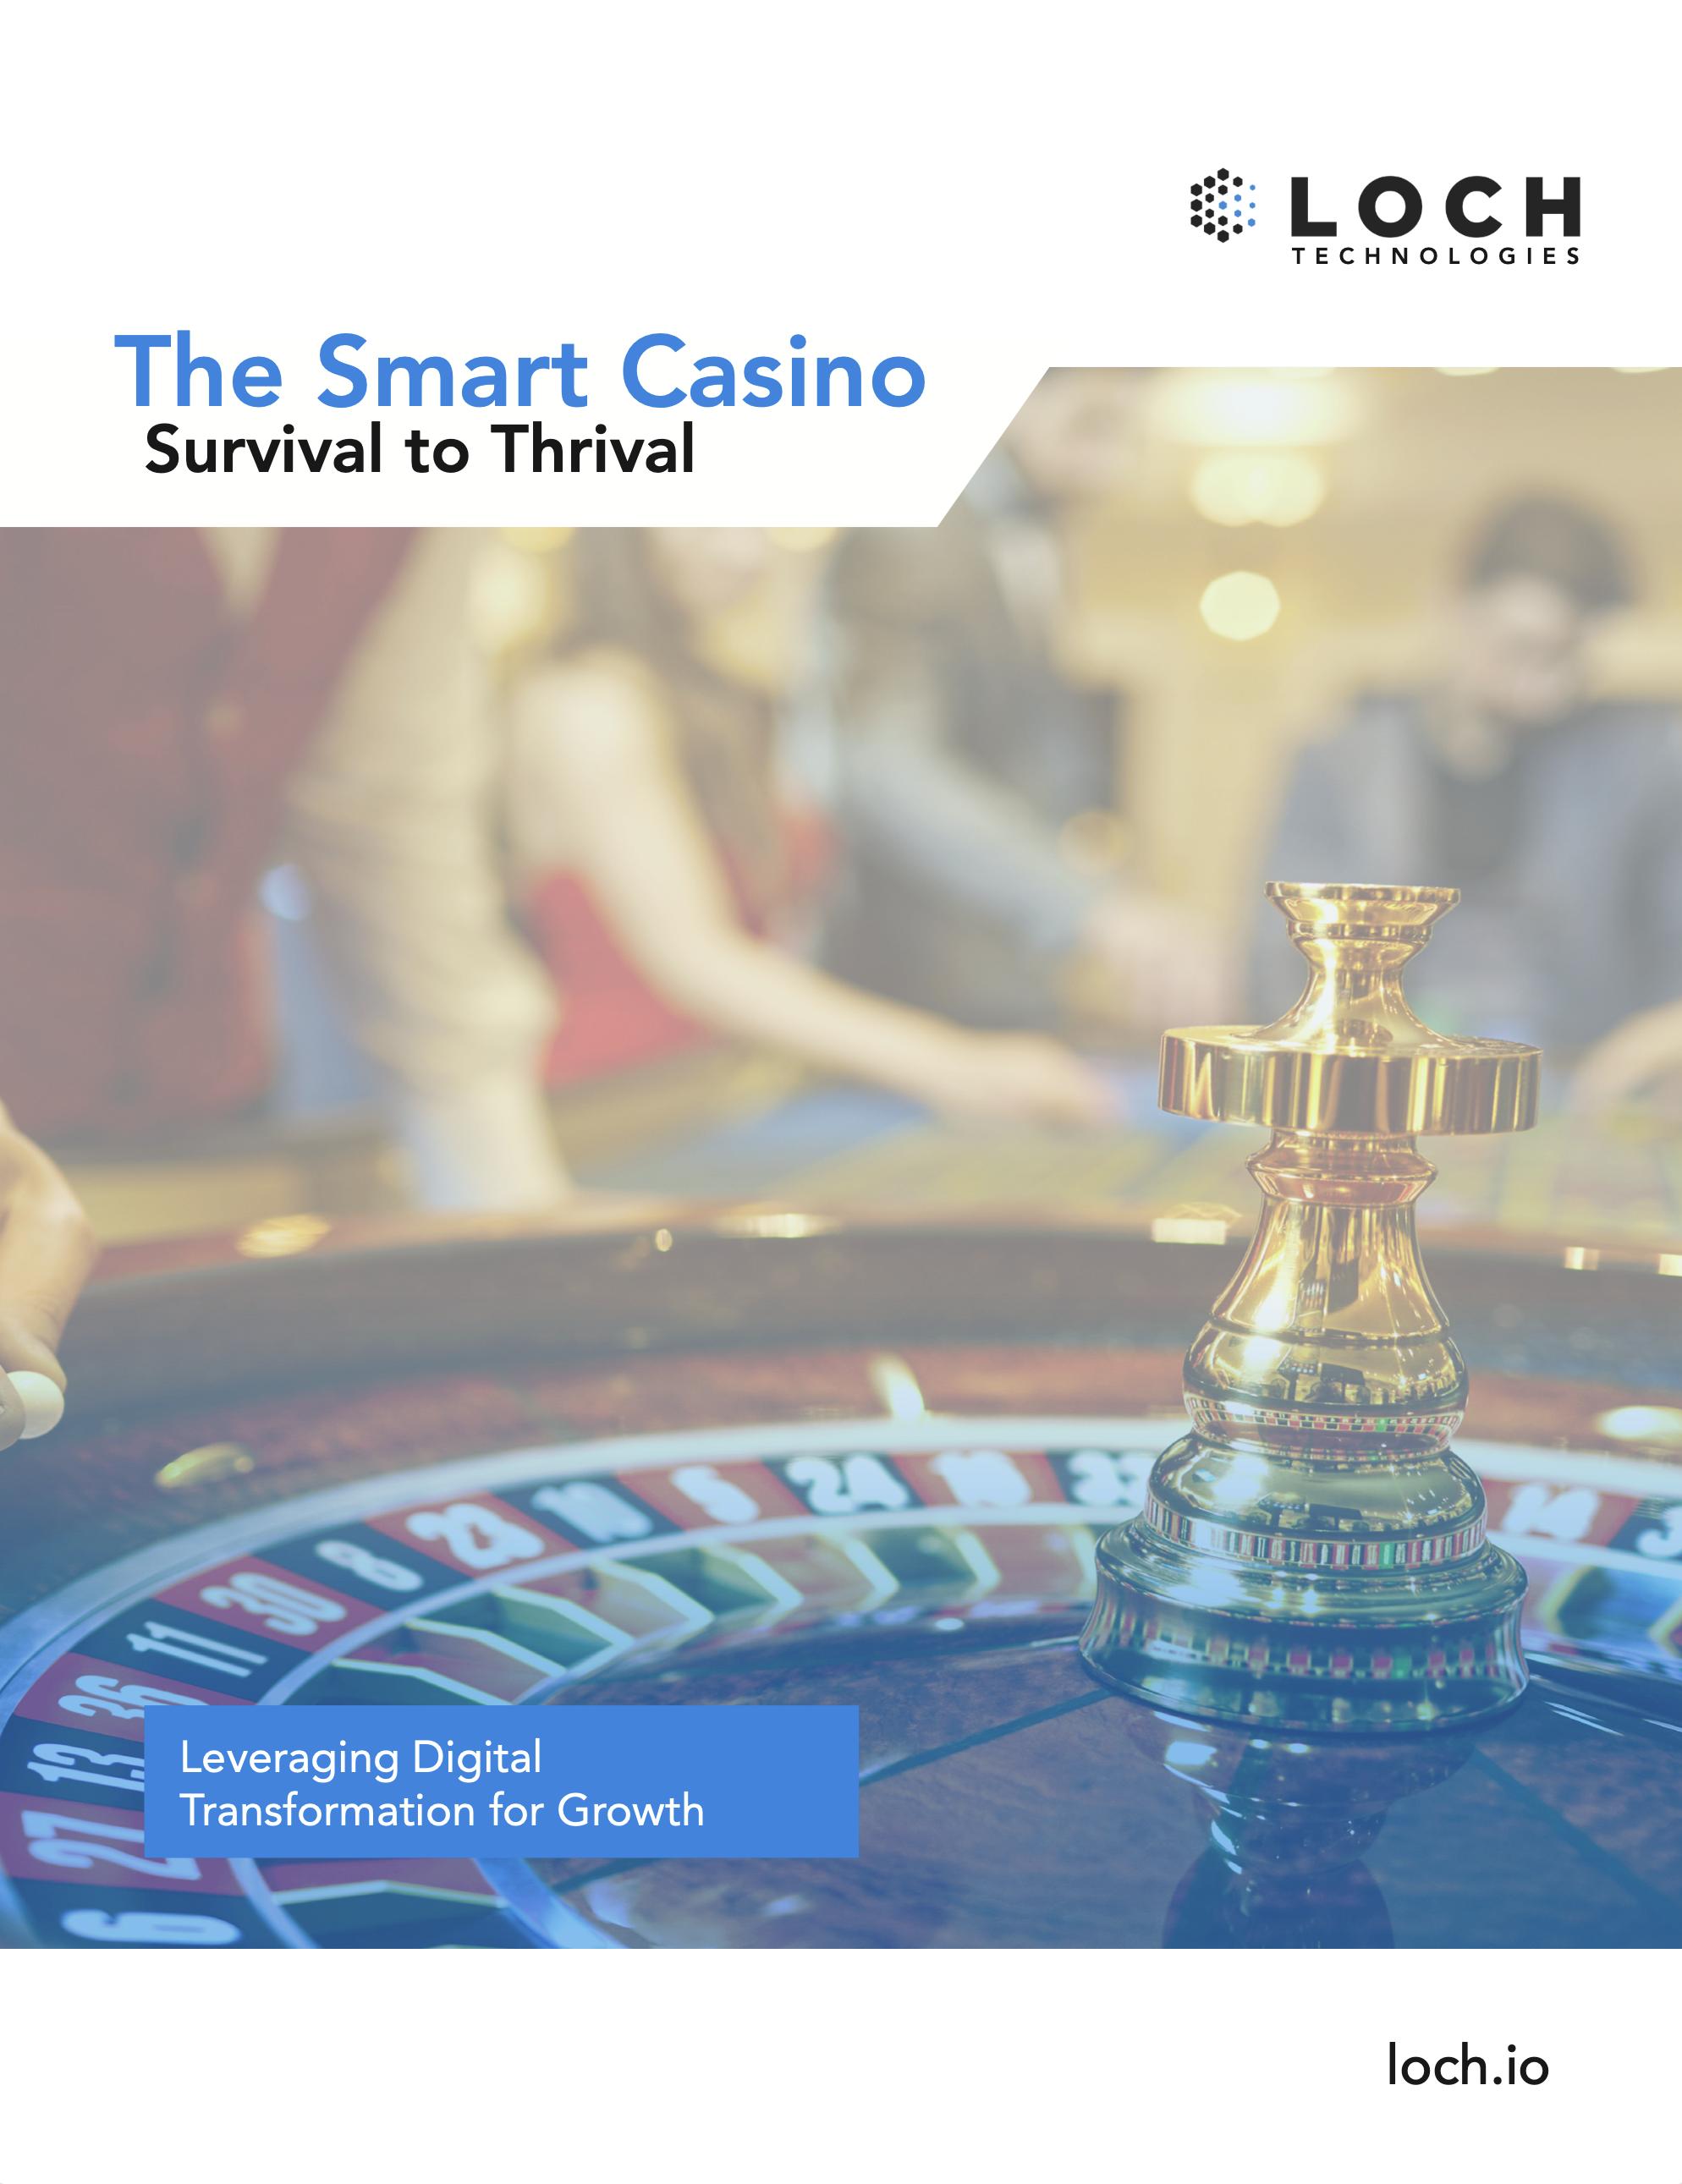 The Smart Casino White Paper